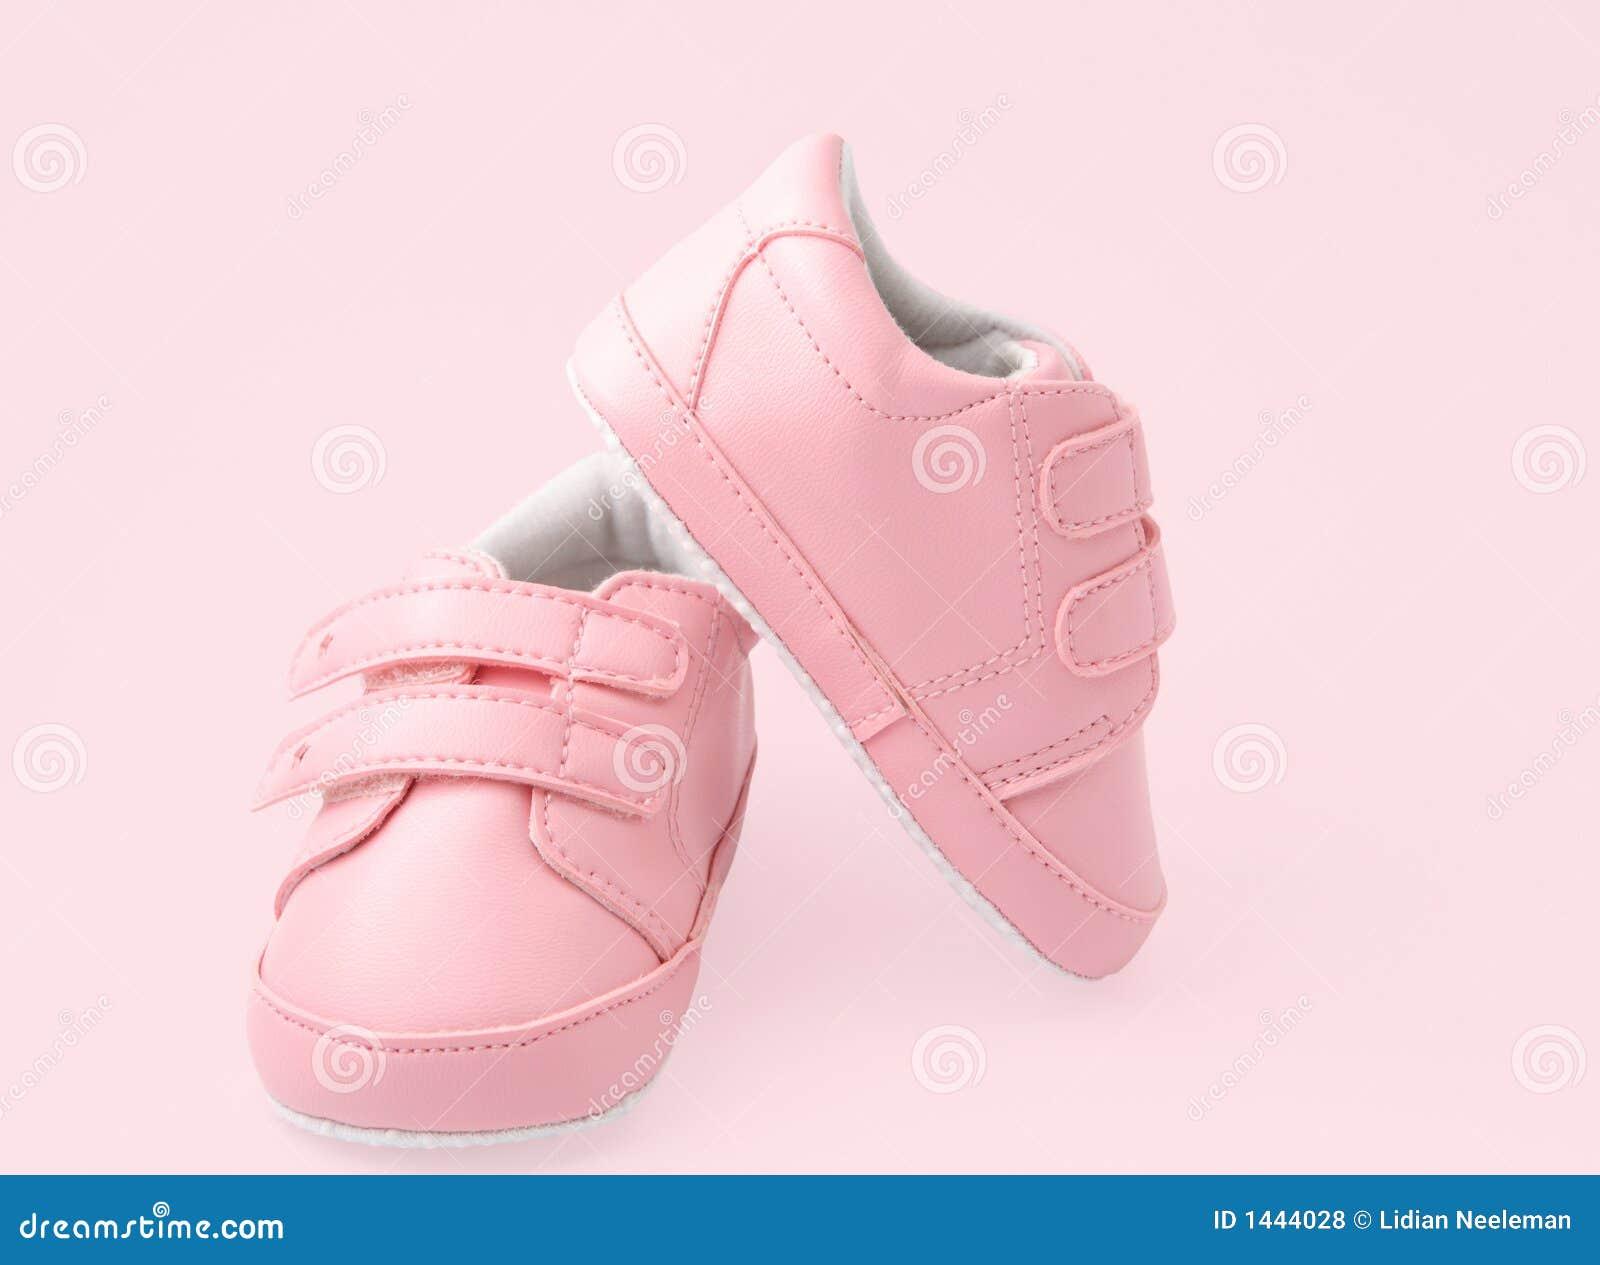 Roze babyschoenen